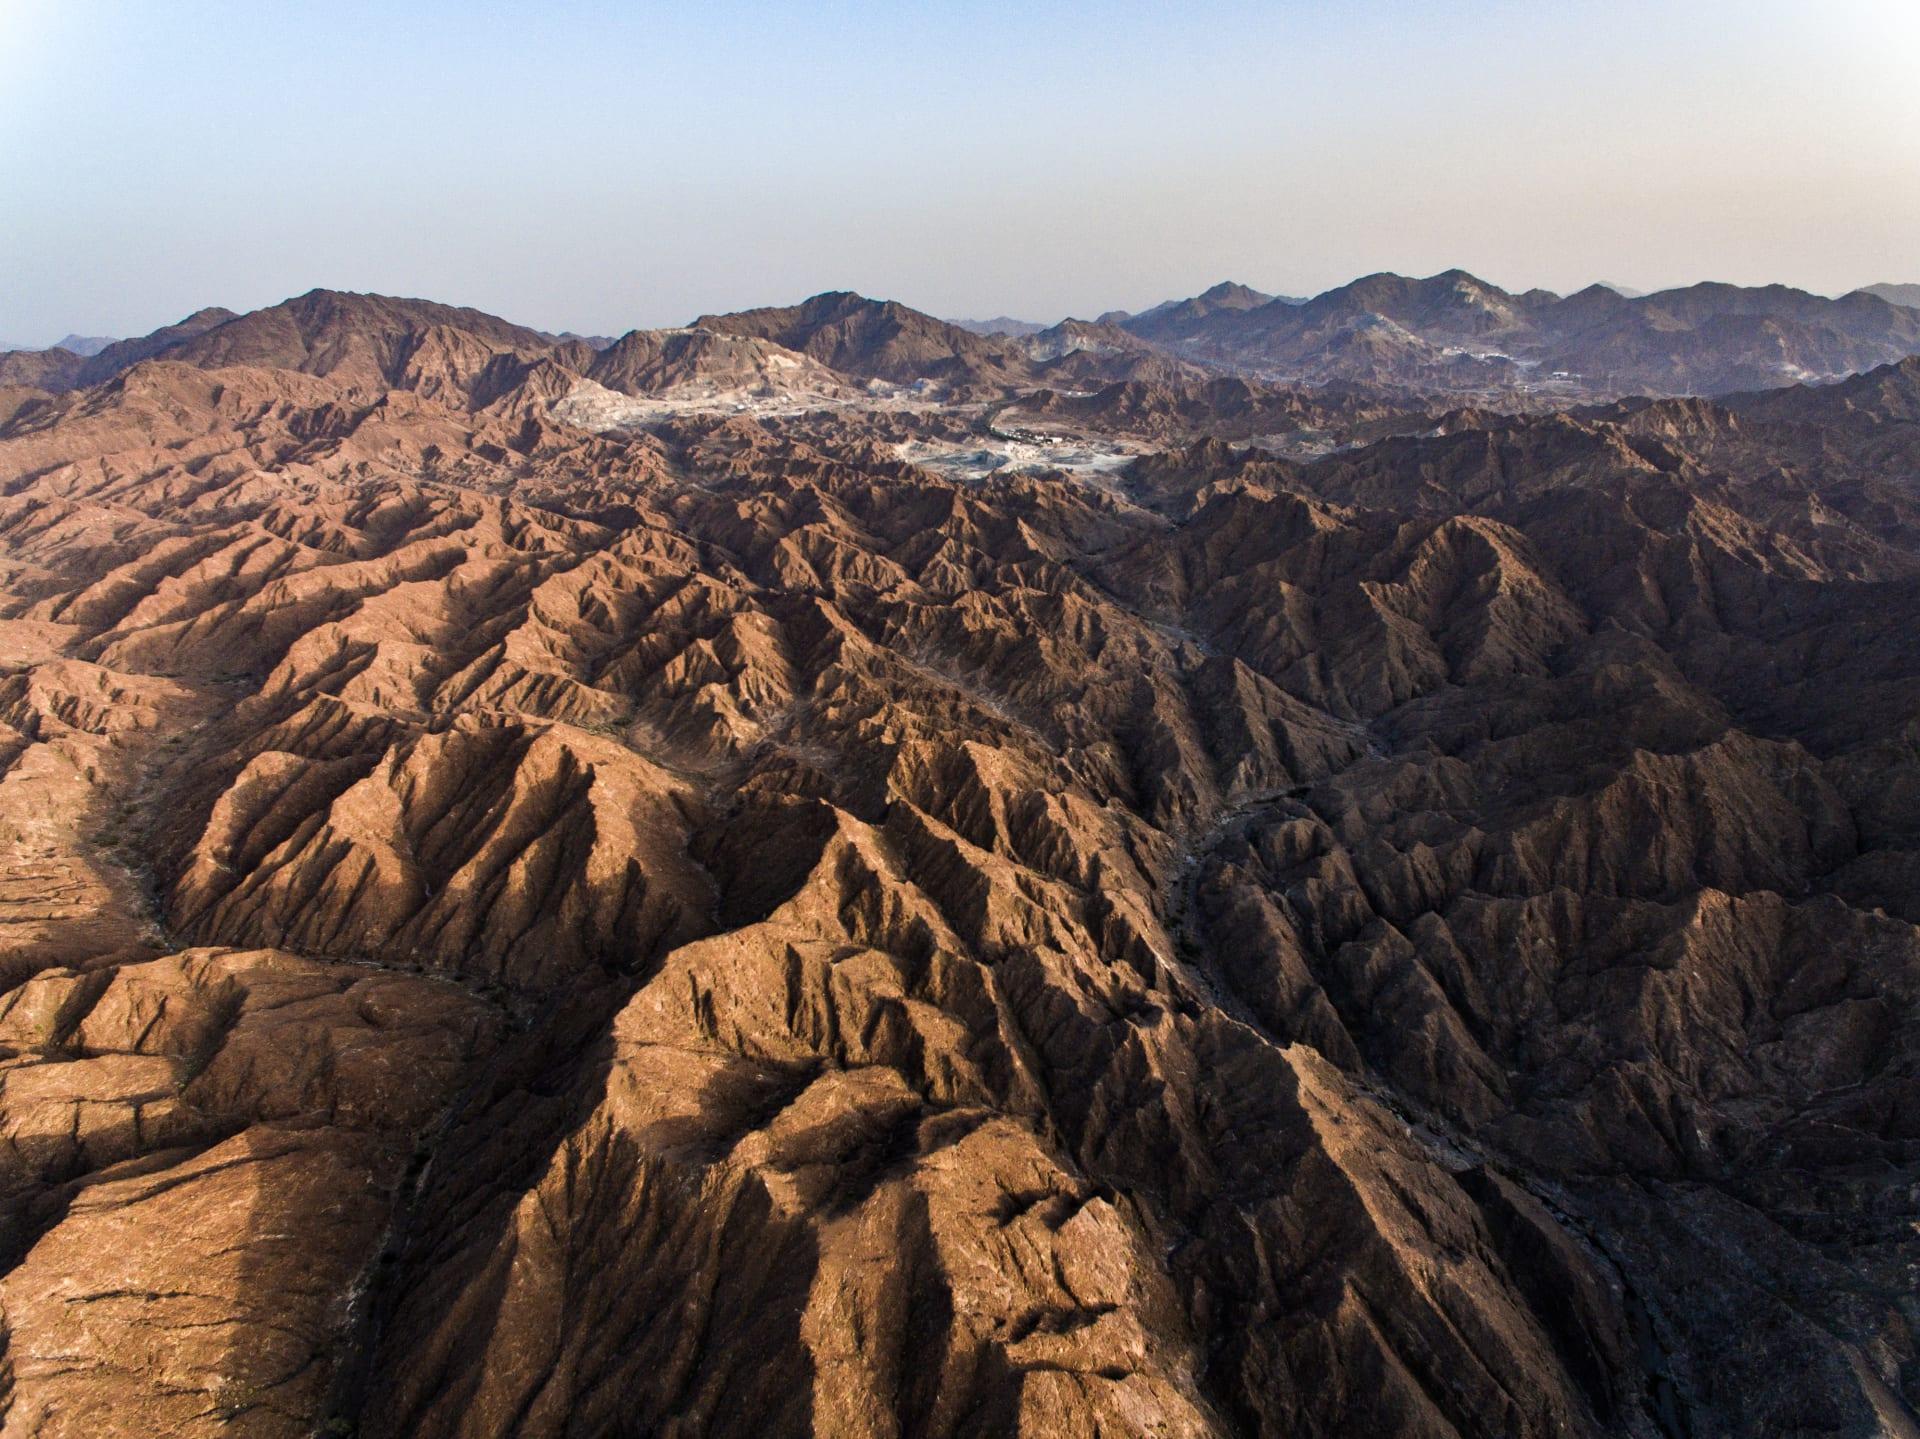 مواقع طبيعية لم ترها من قبل في الإمارات..بعدسة  كاميرا طائرة